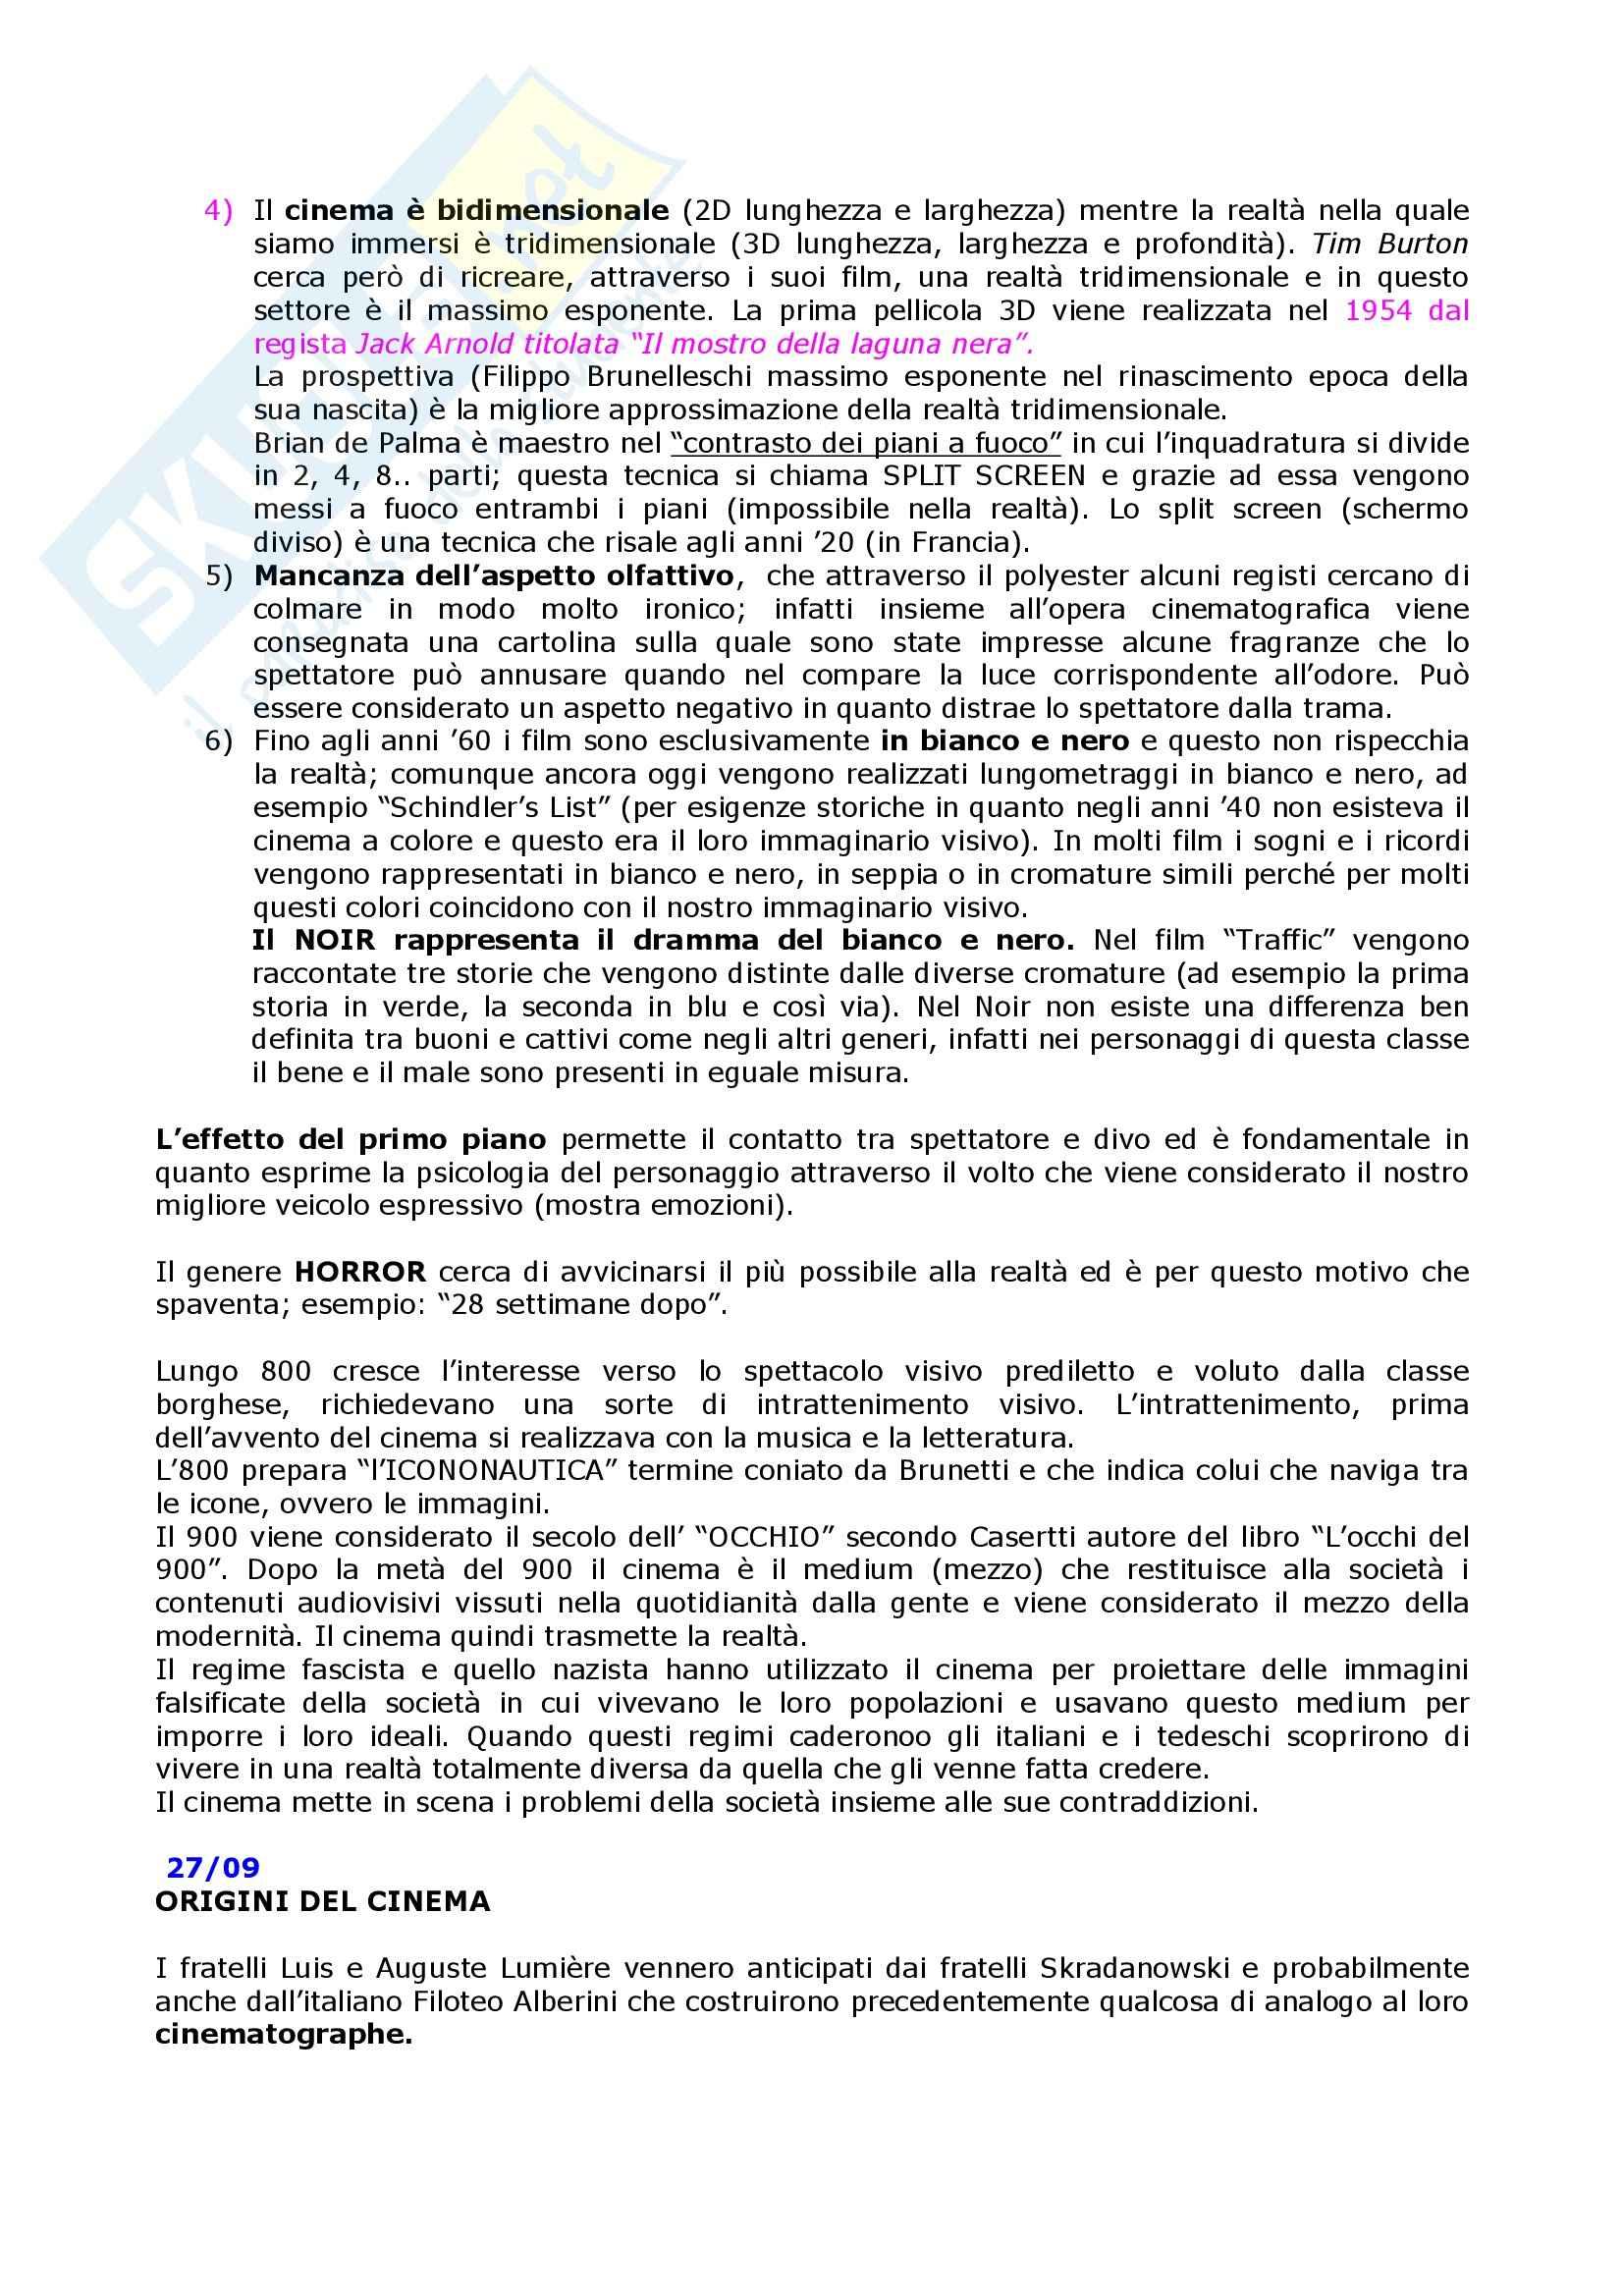 Linguaggi audiovisivi - teorie e tecniche dei linguaggi audiovisivi Pag. 2